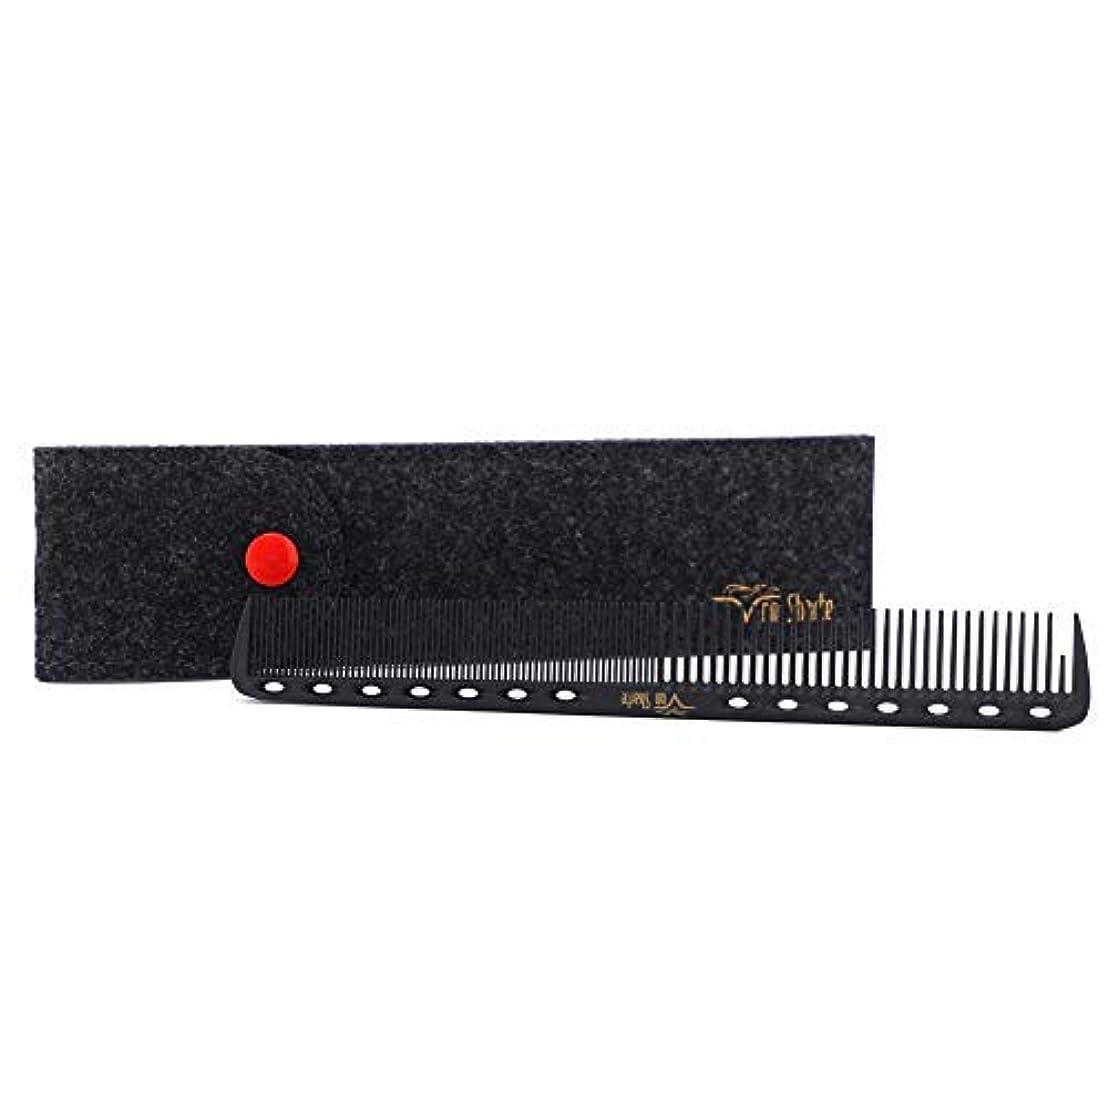 ラッシュ叱る所有権Barber Comb,Hair Cutting Combs Carbon Fiber Salon Hairdressing Comb 100% Anti Static 230℃ Heat Resistant with...